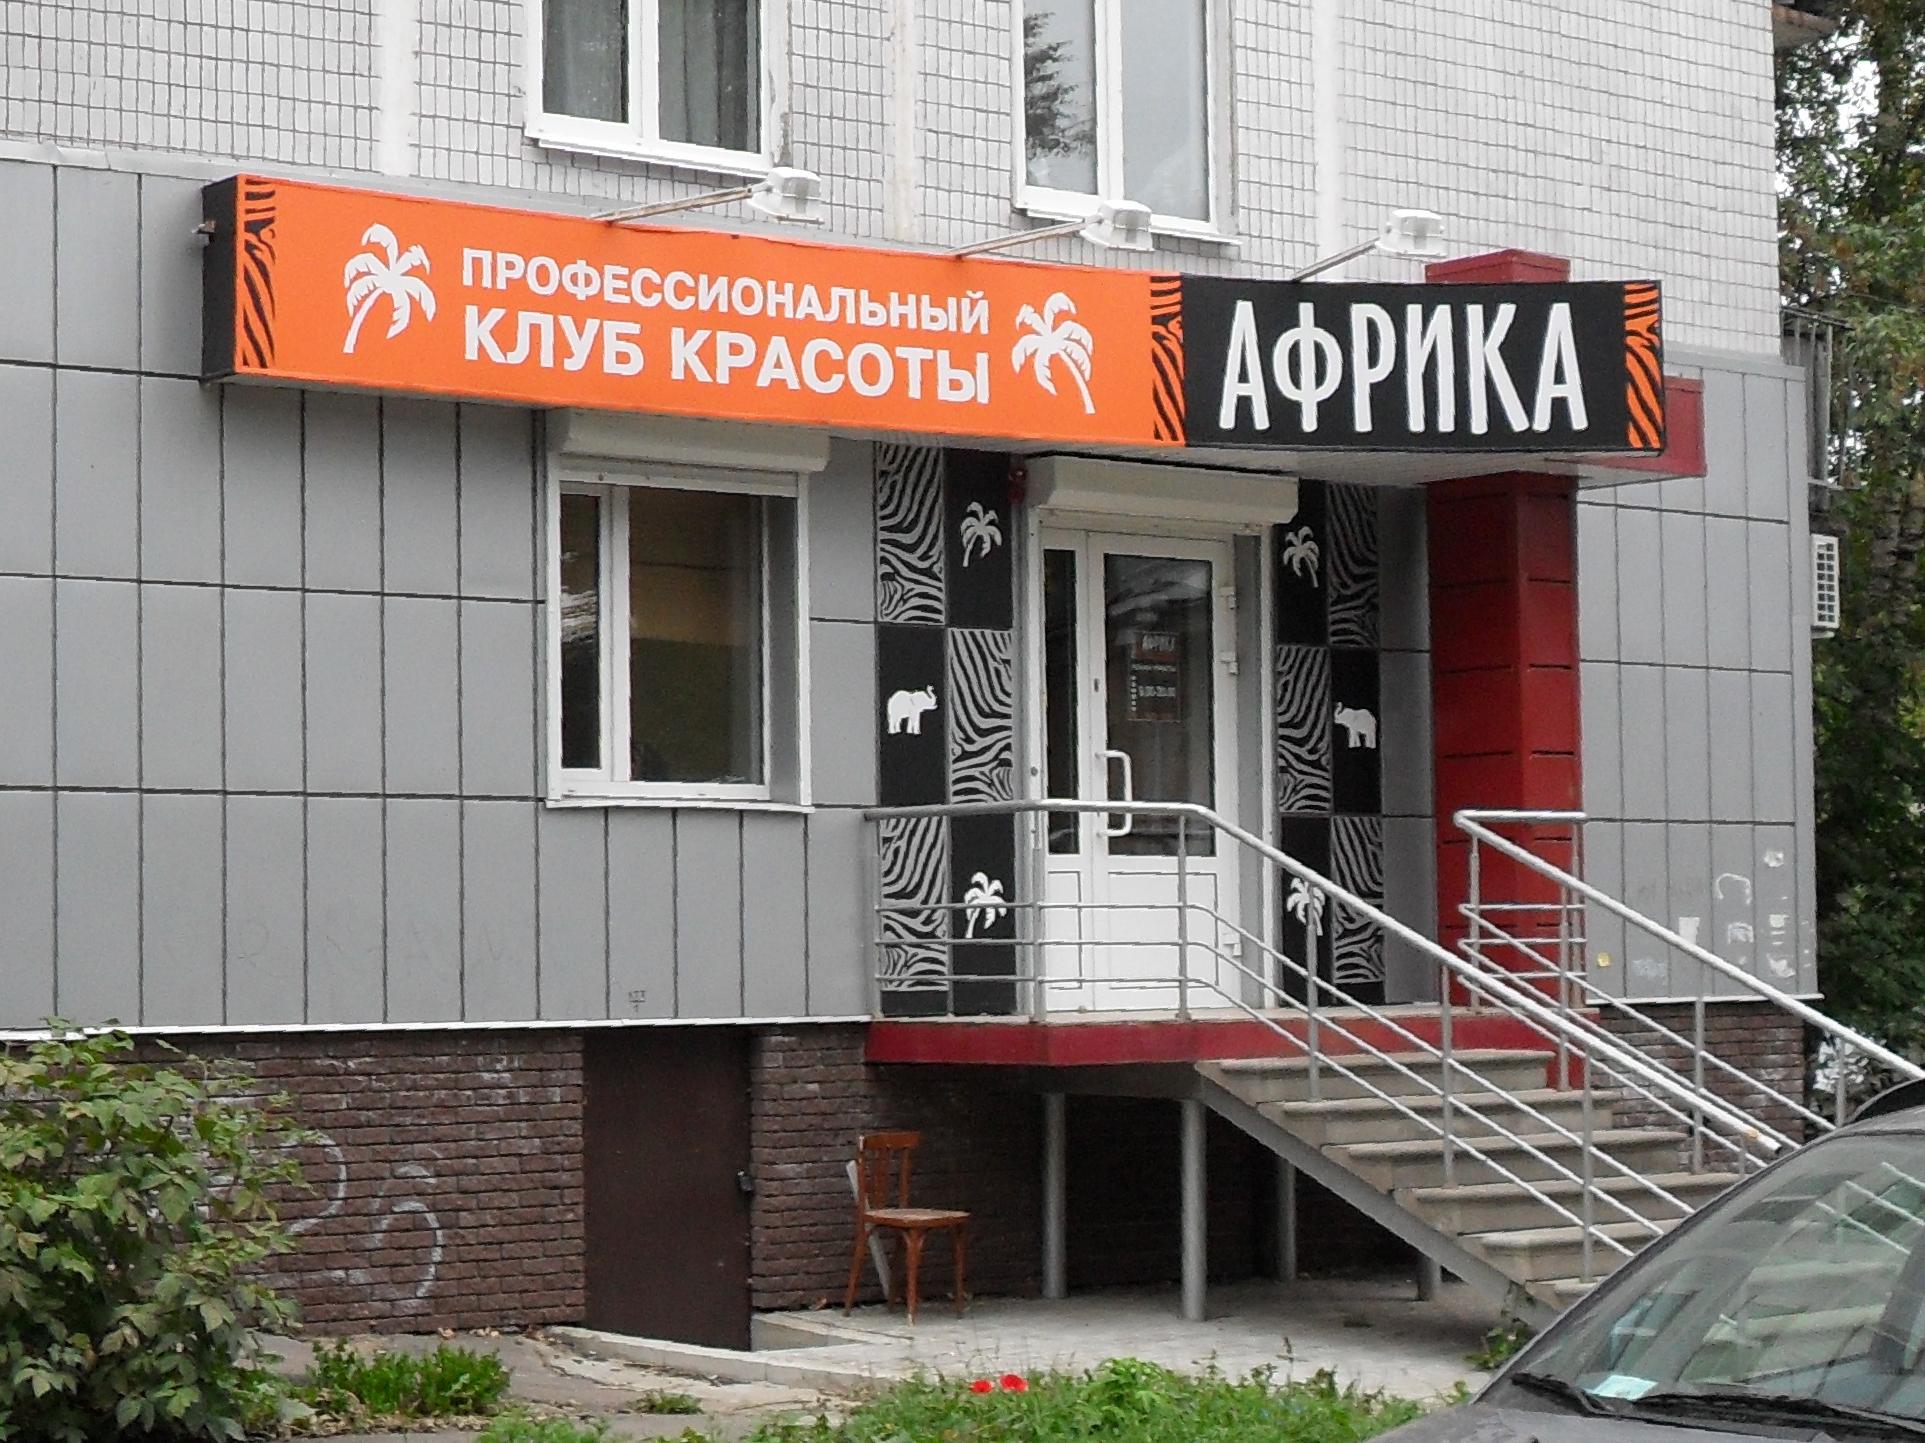 Изготовление наружной рекламы в г. нижний новгород. вывески,.